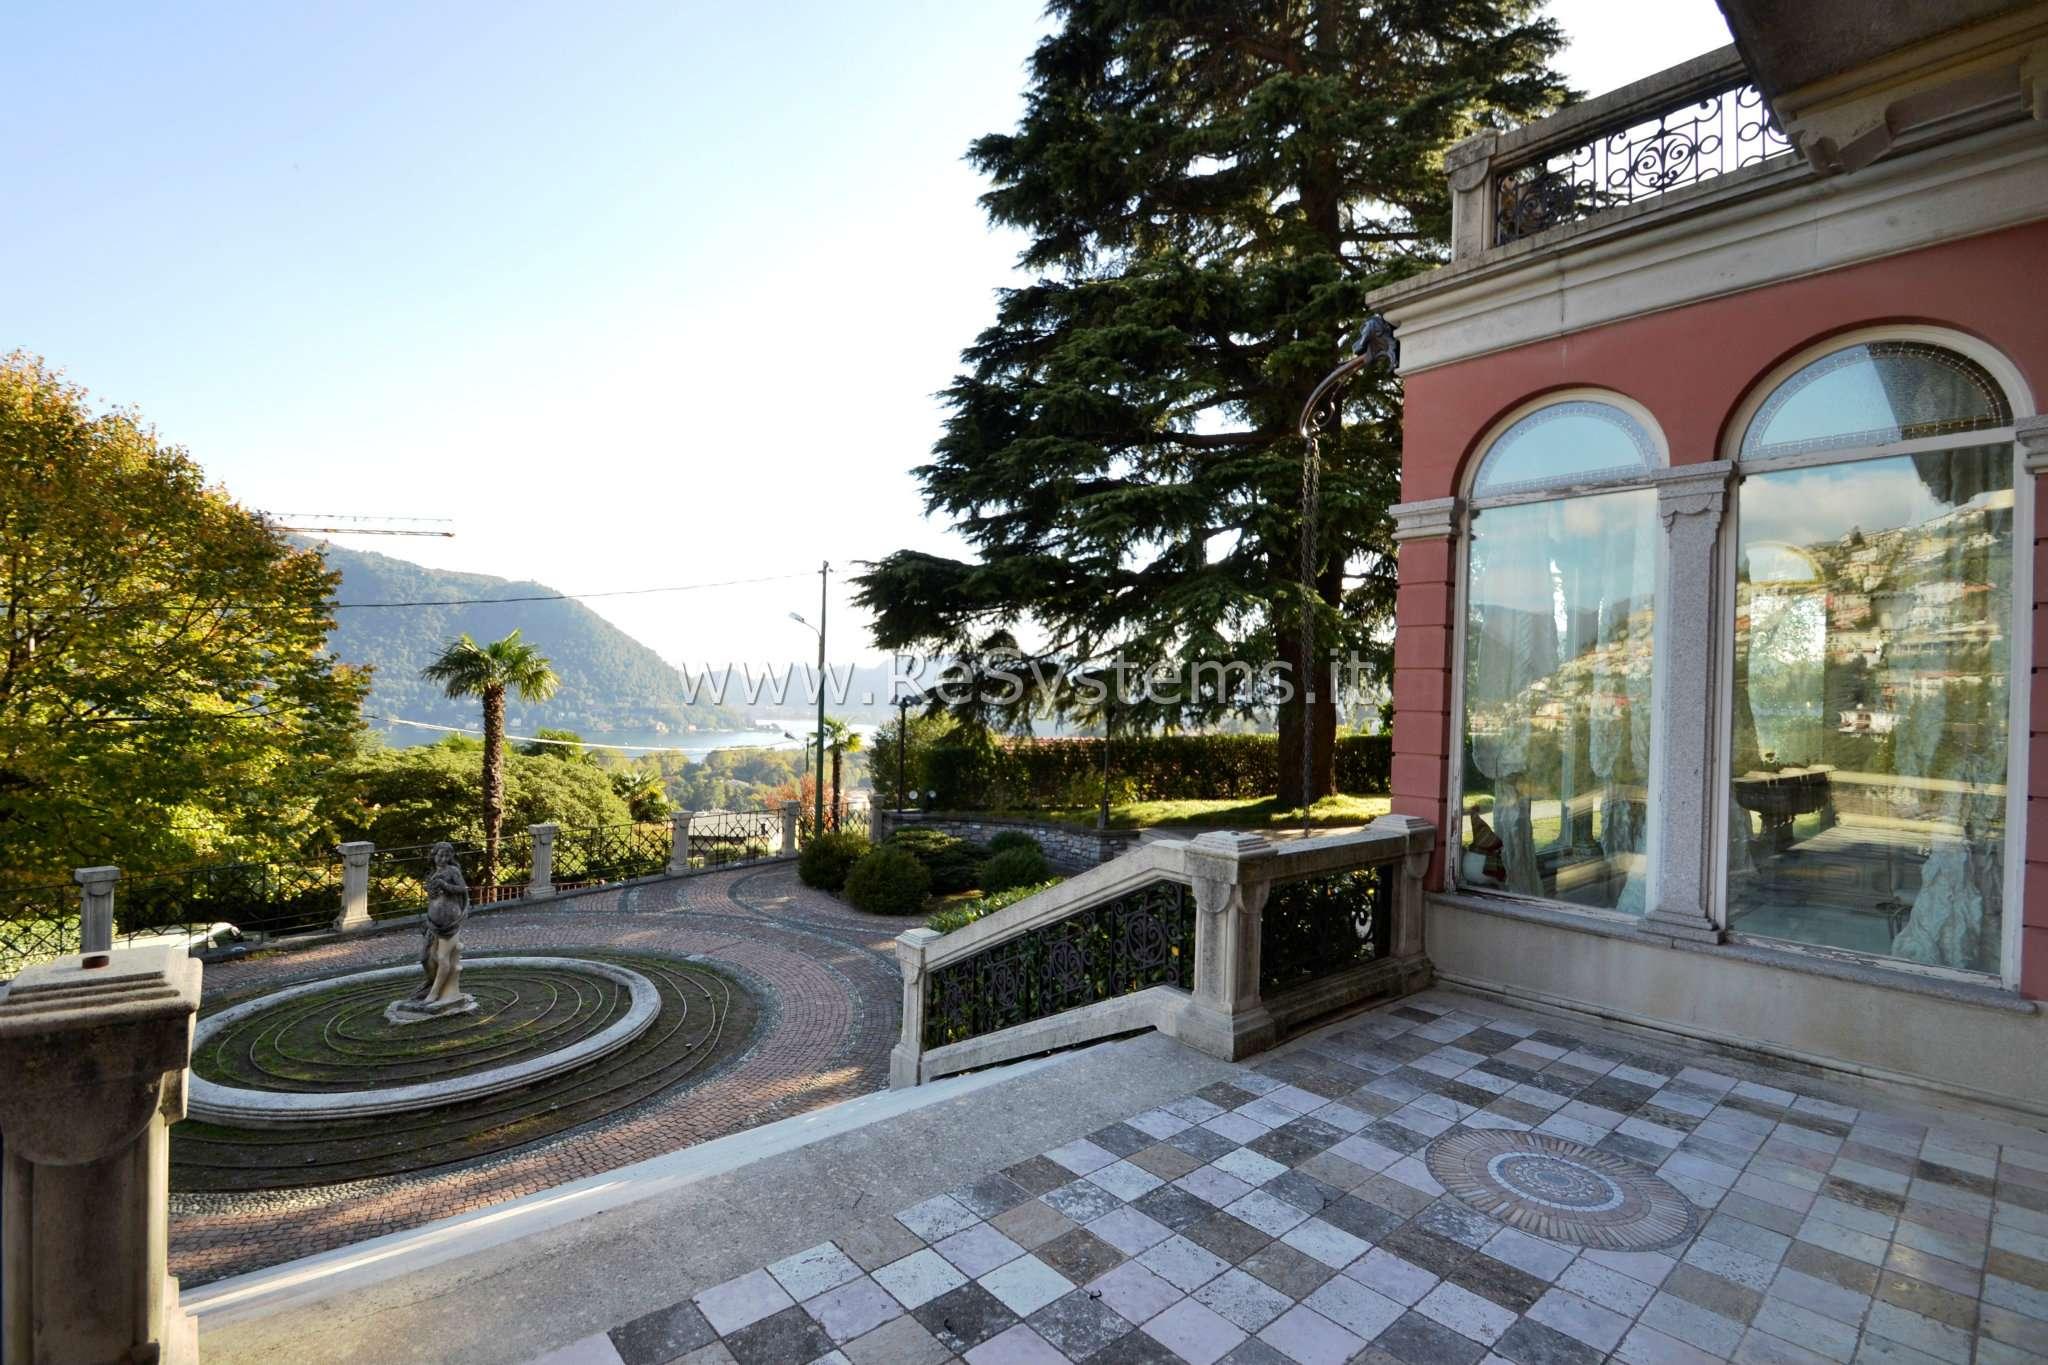 Villa in vendita a Cernobbio, 5 locali, prezzo € 9.000.000 | CambioCasa.it